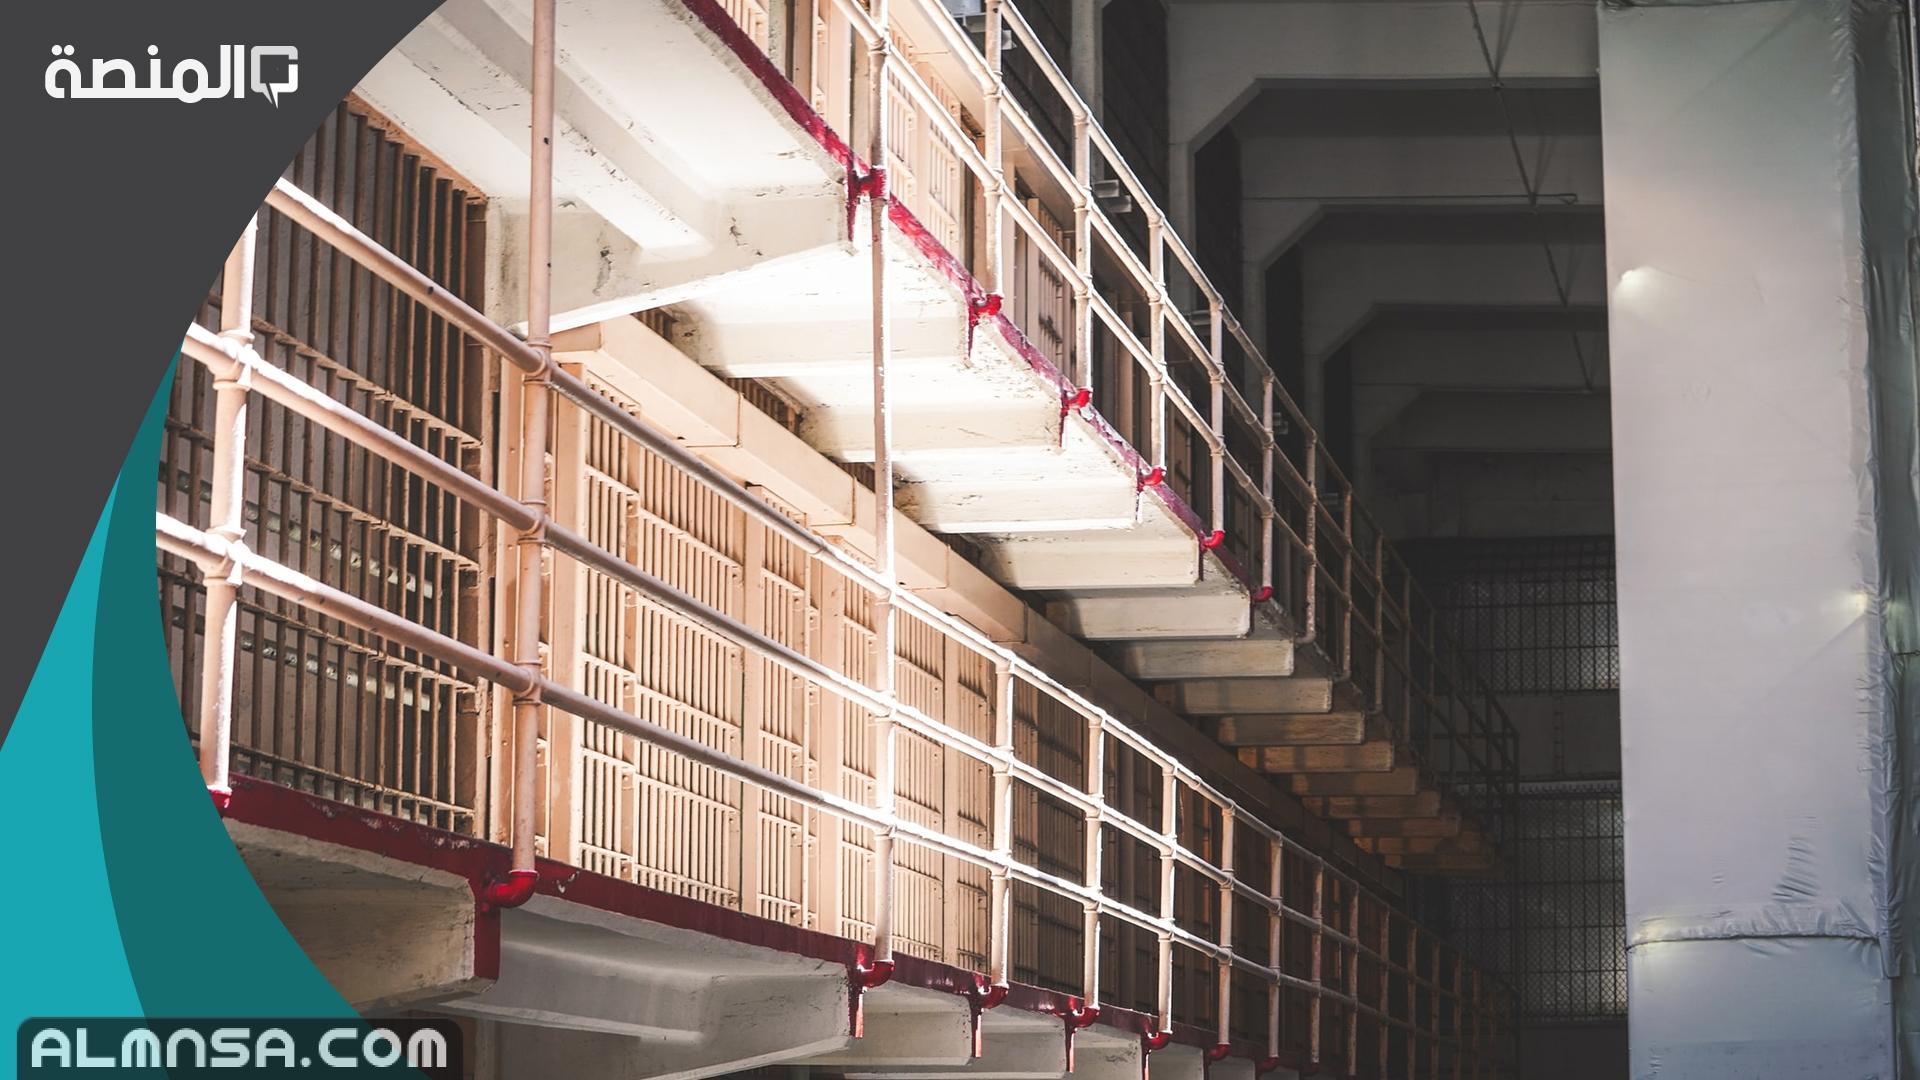 تفسير رؤية دخول السجن في الحلم المنصة